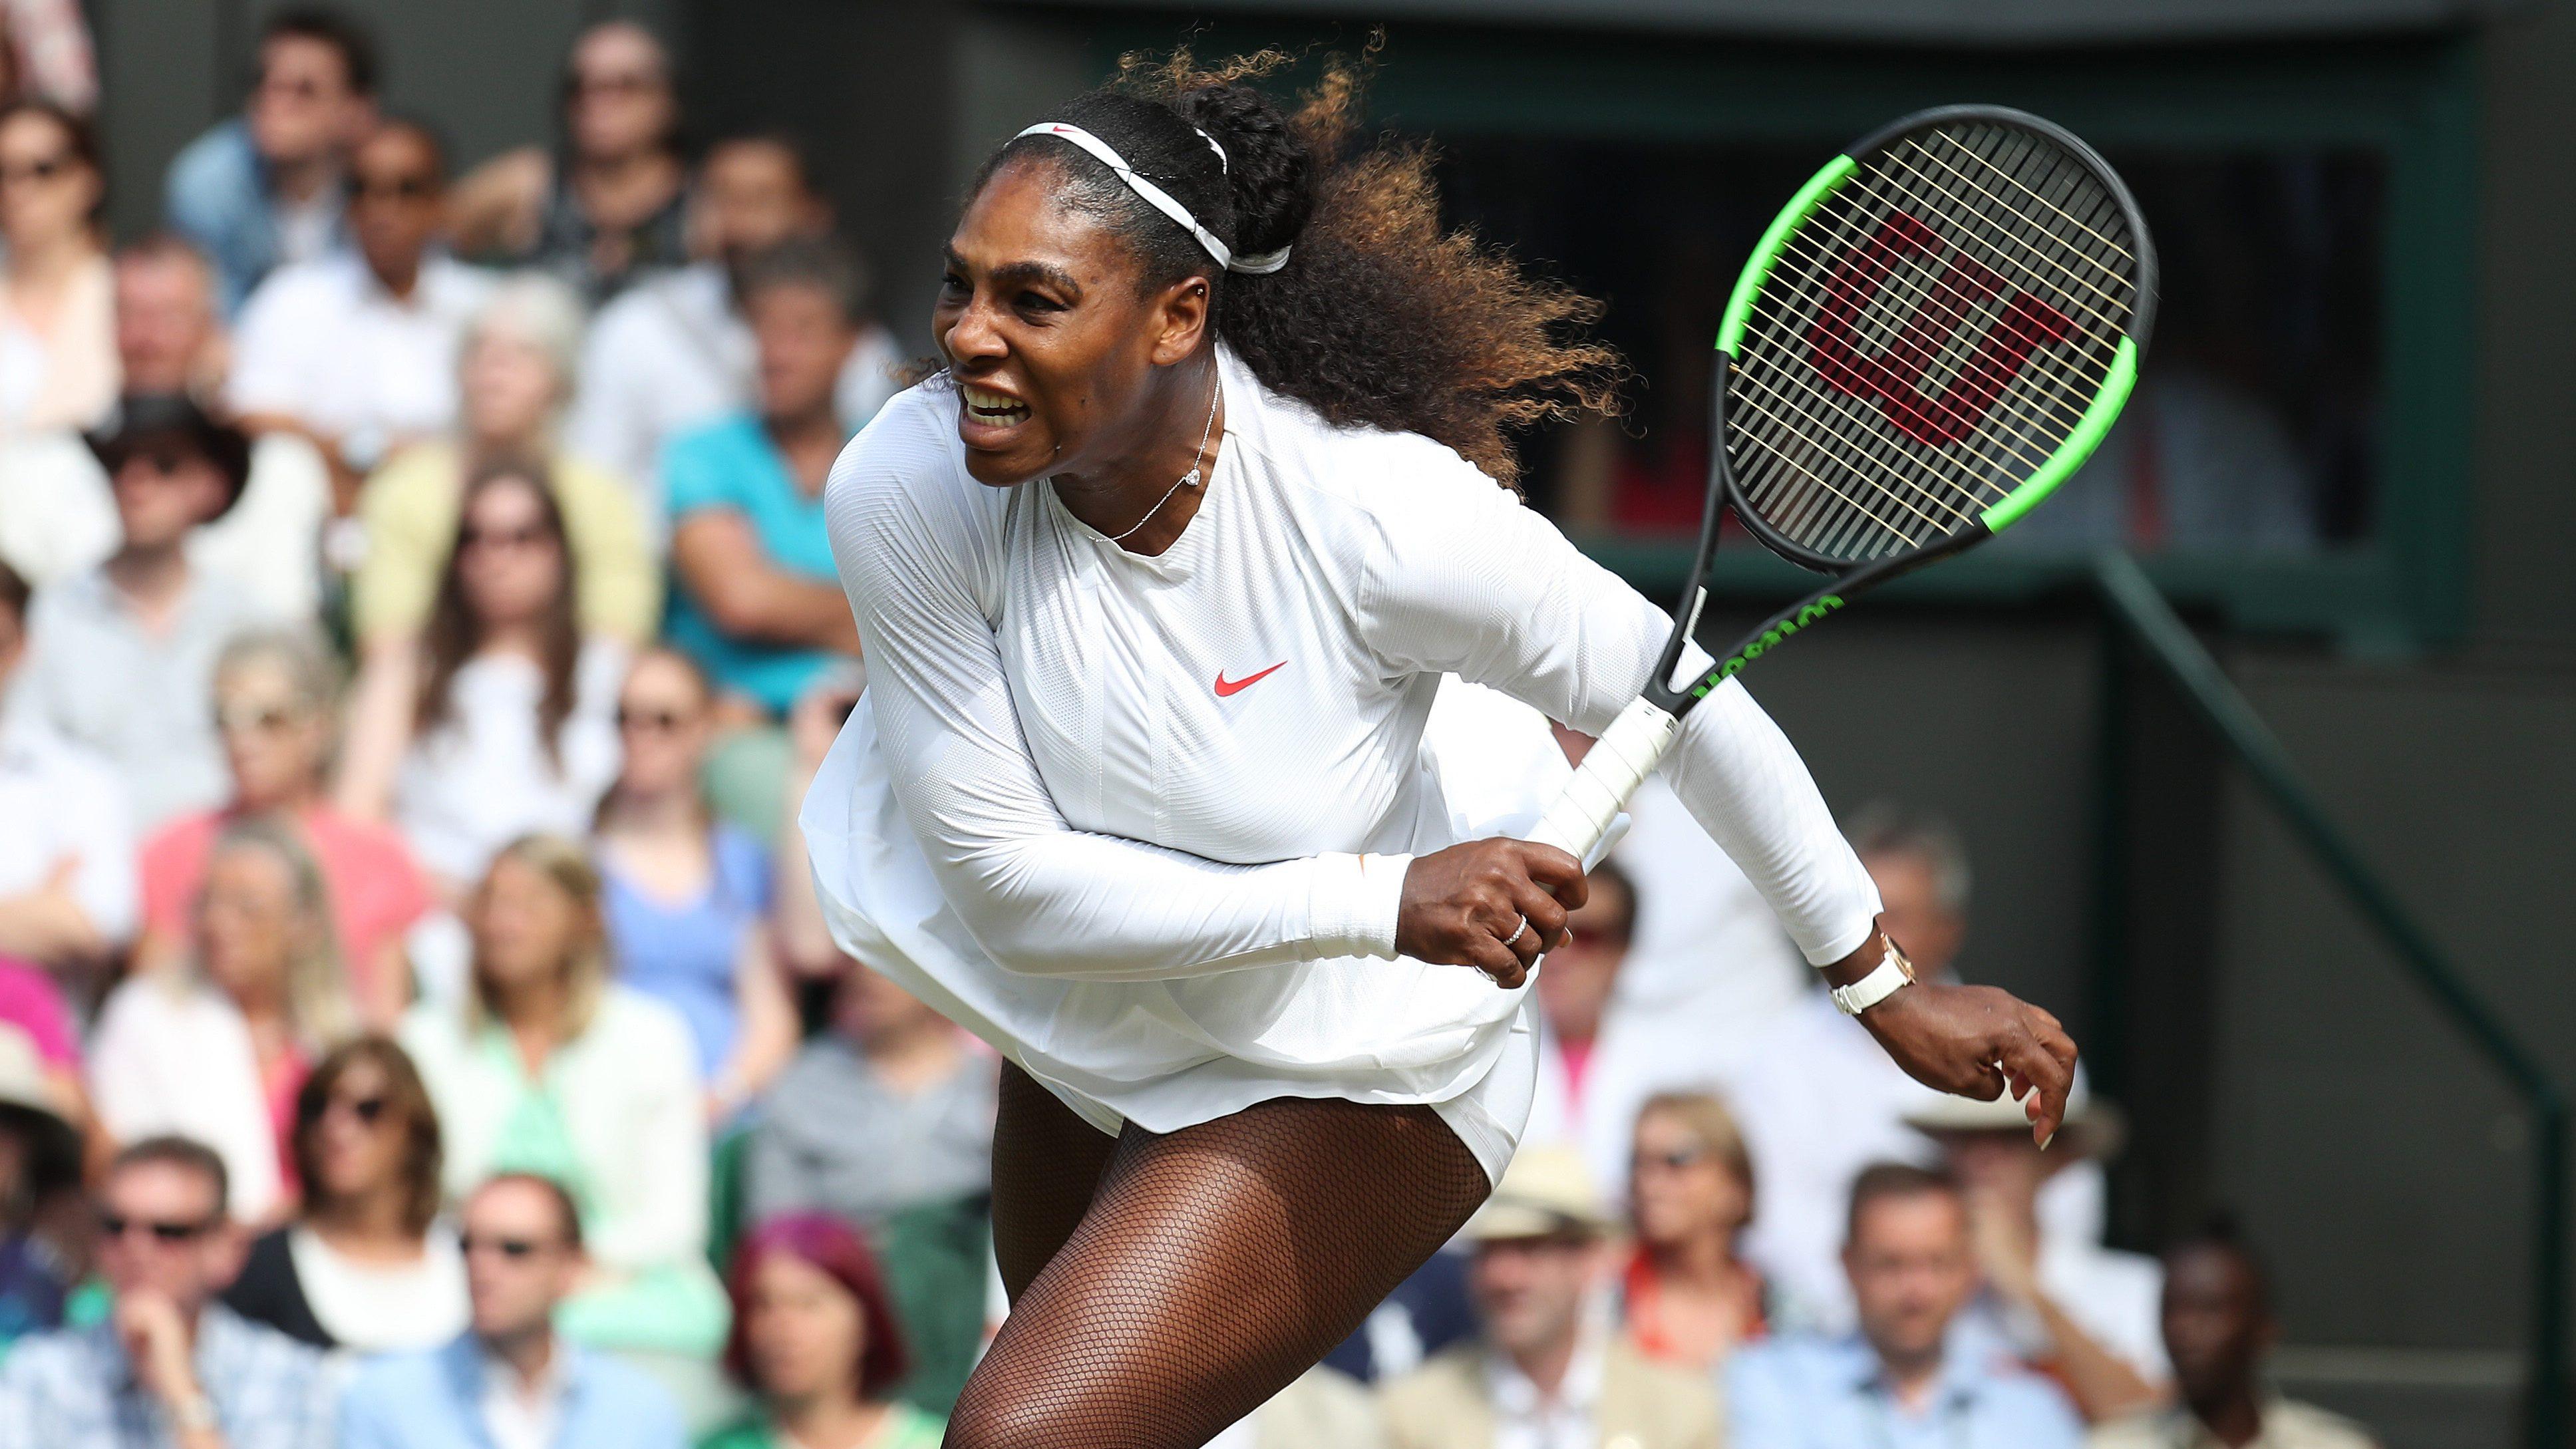 TENNIS: JUL 10 Wimbledon